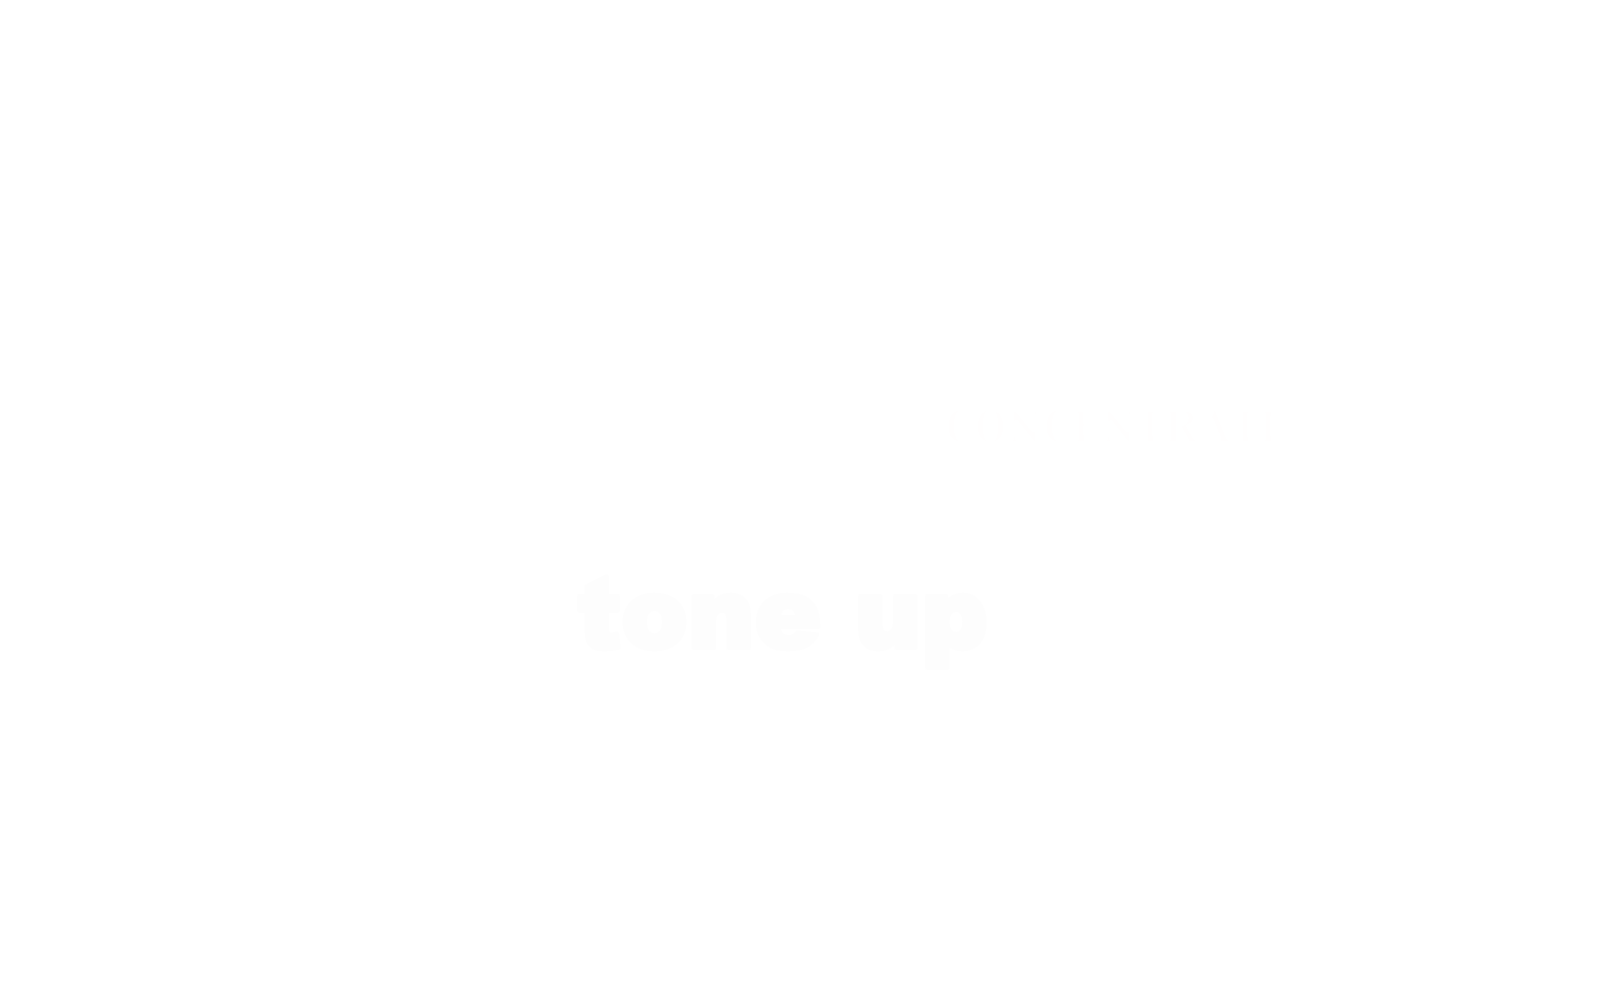 image of bikram yoga benefits image